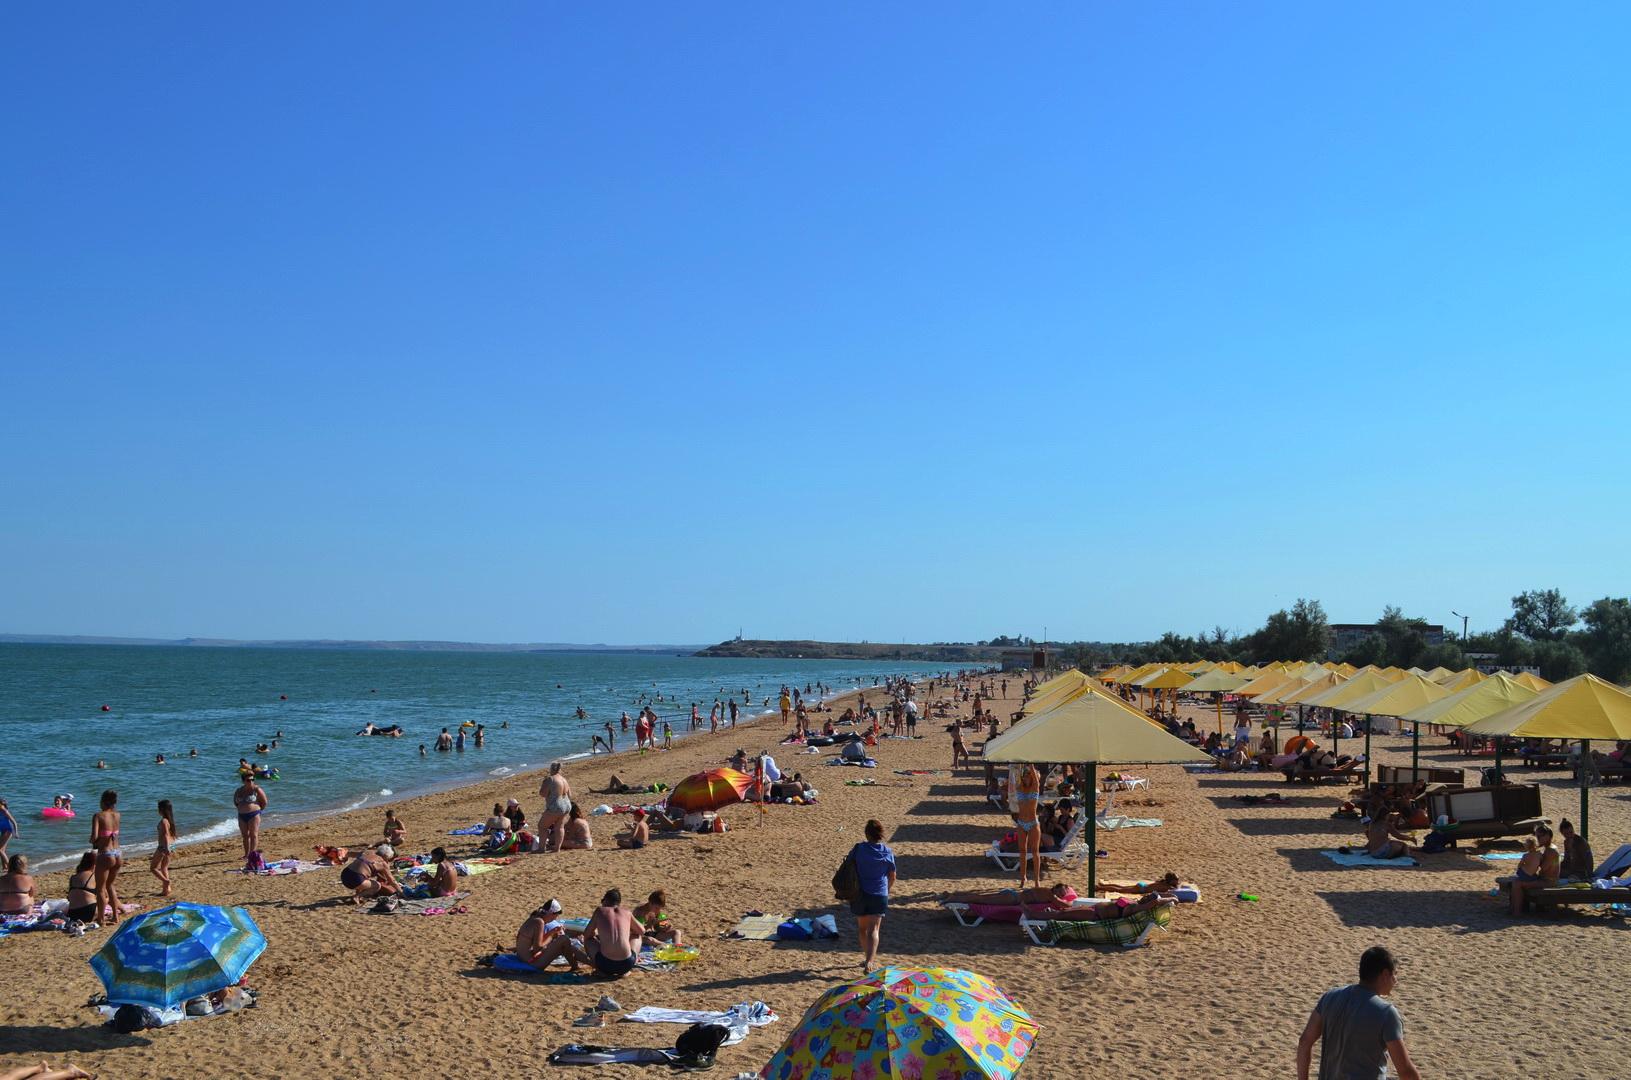 Kerch beach summe July 0212